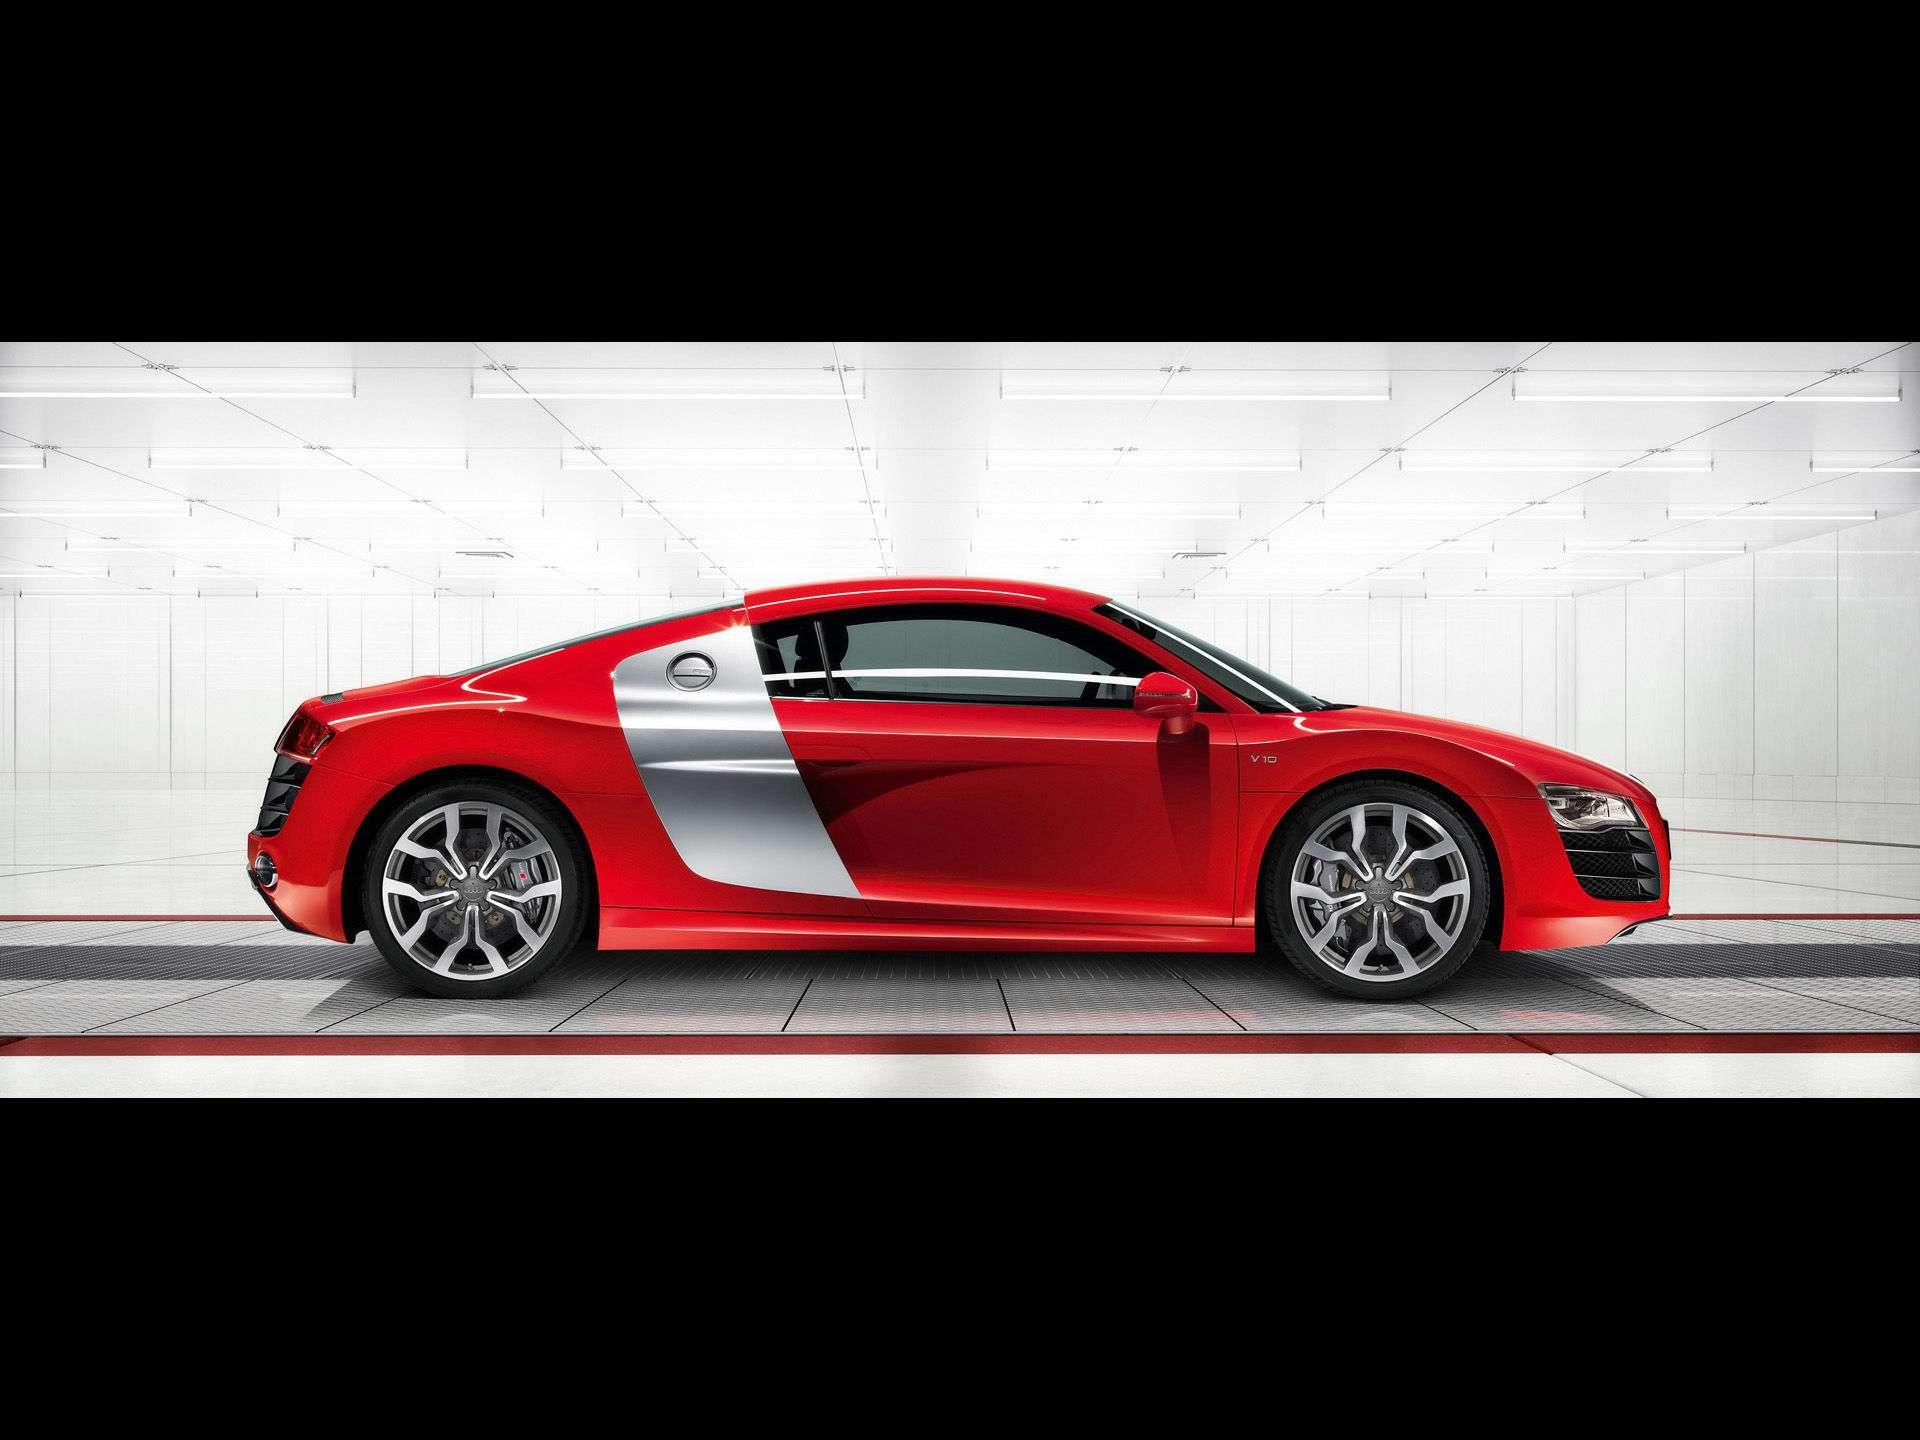 Audi R8 Wallpaper 054